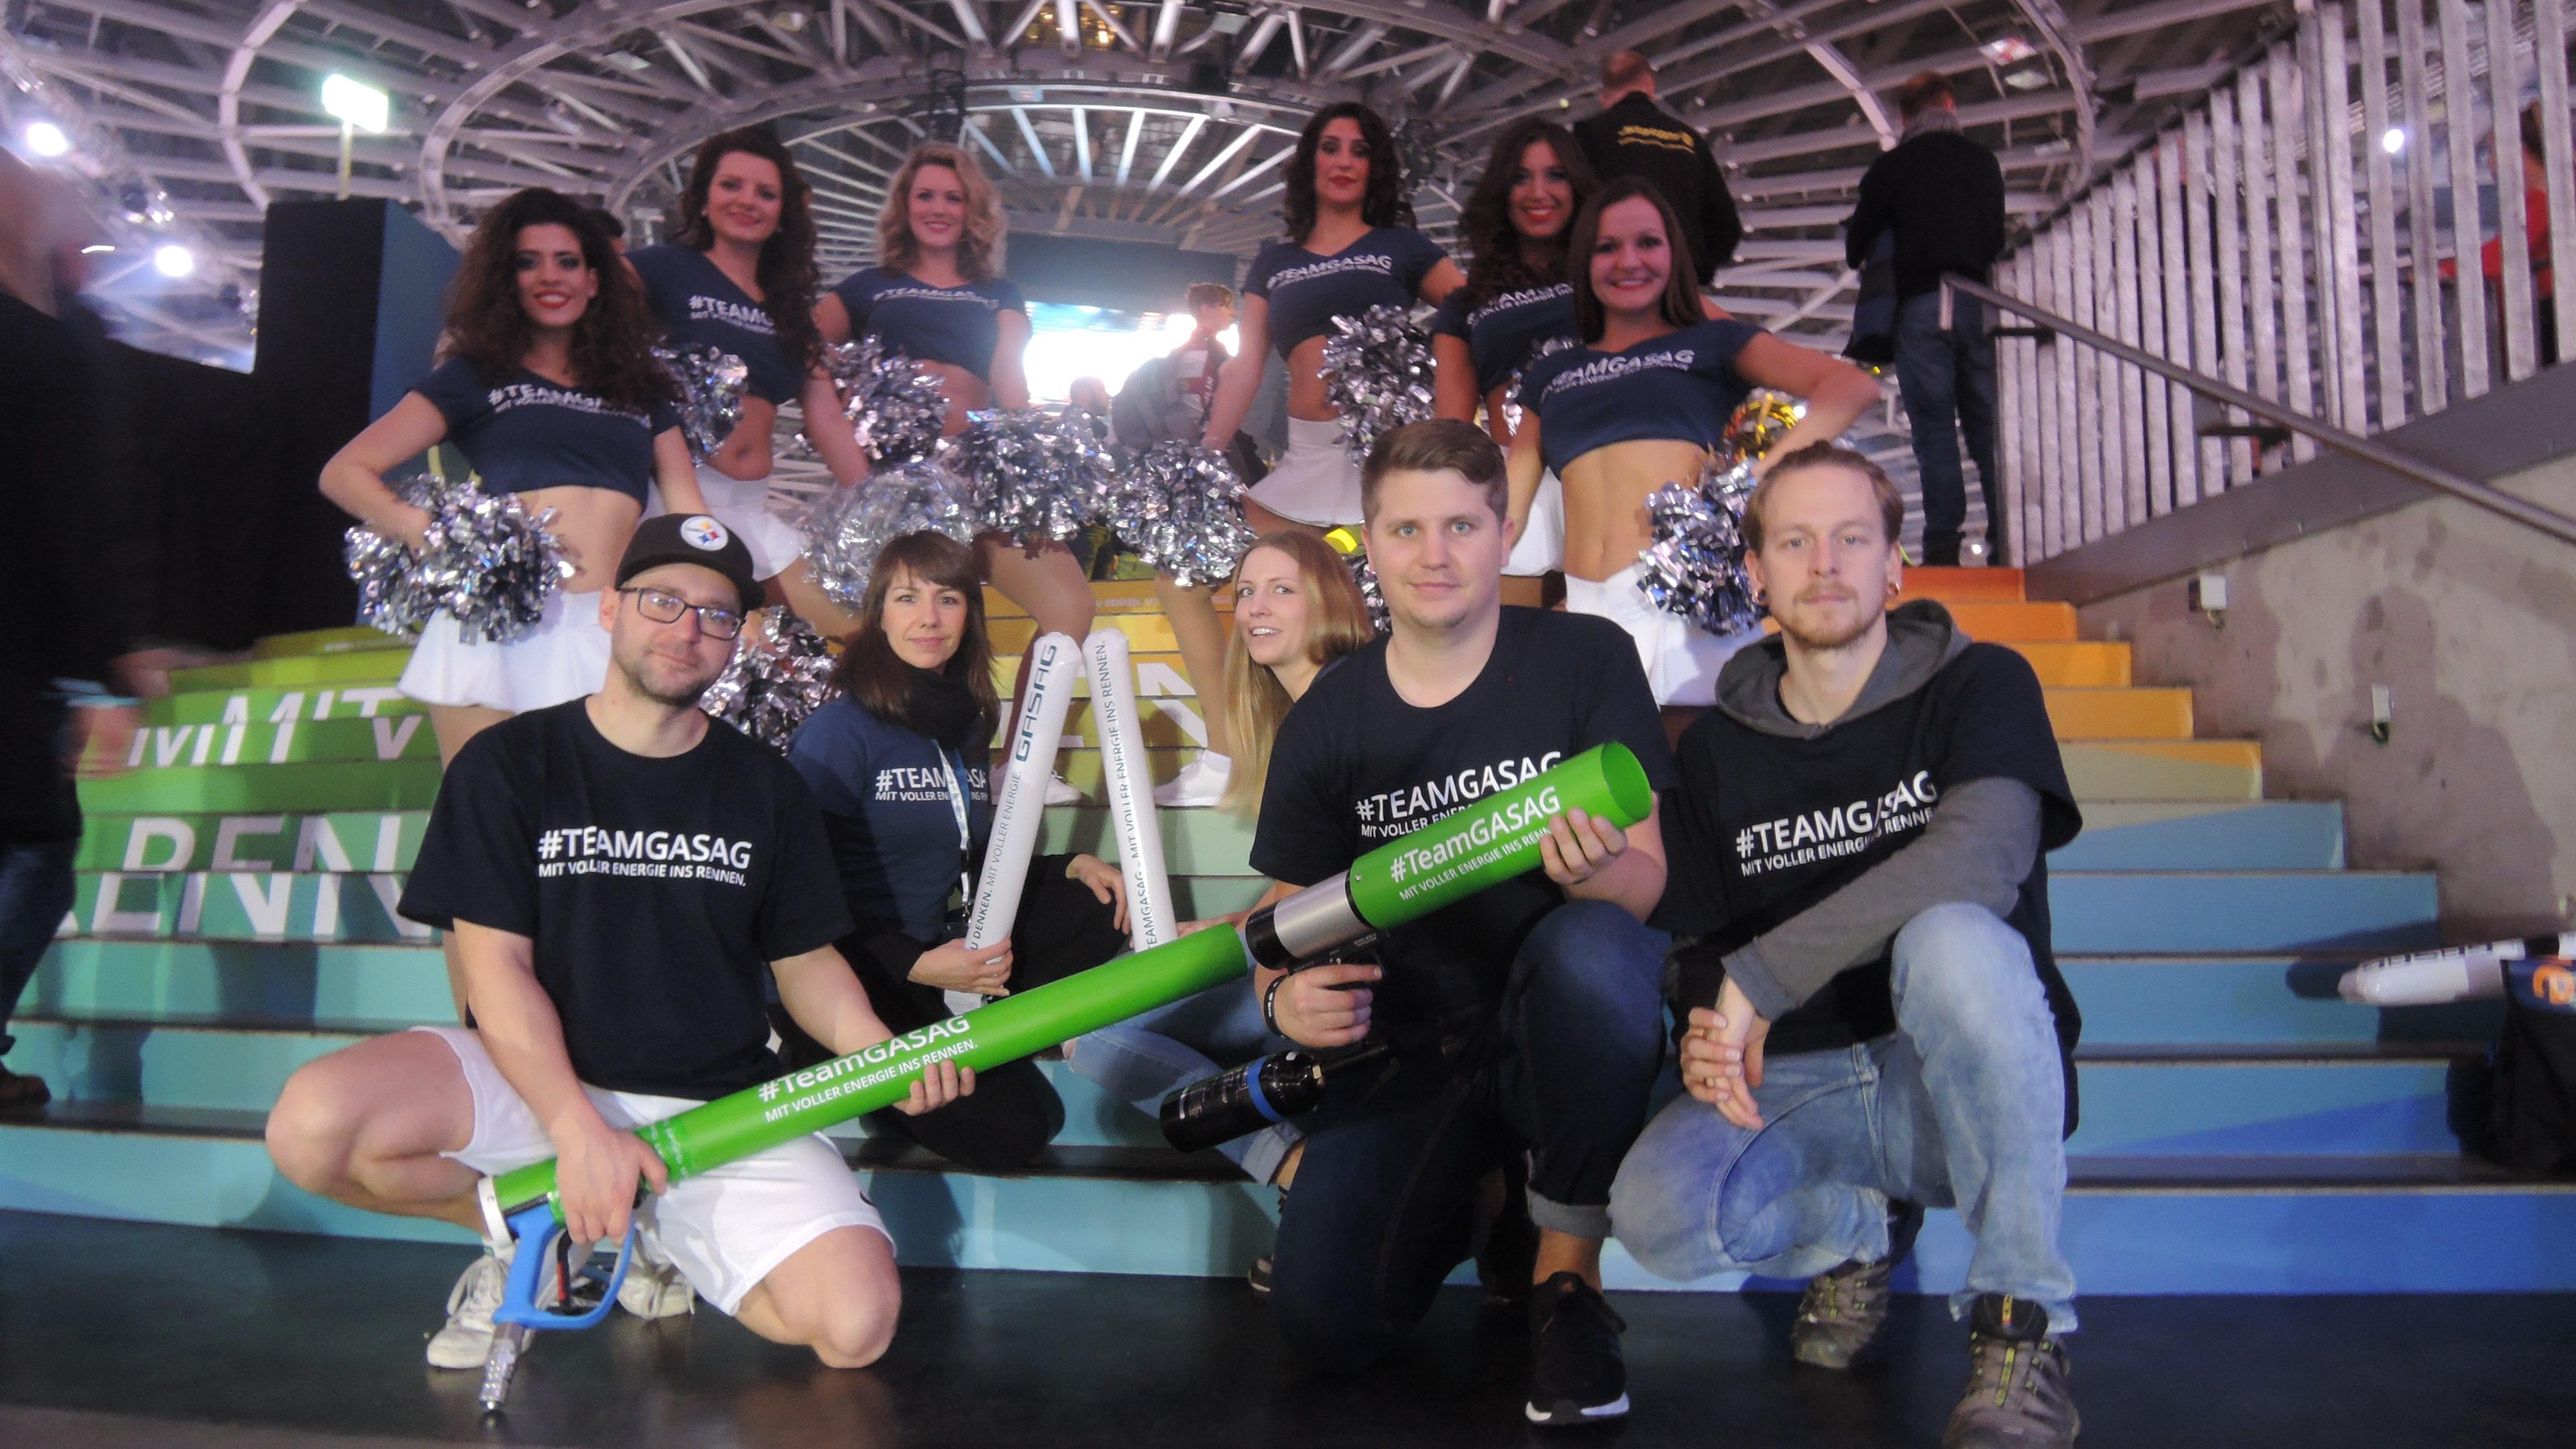 T-Shirt Kanone T-Stadium GASAG Sechstagerennen 2017 berlin mit Promo und cheerleader team